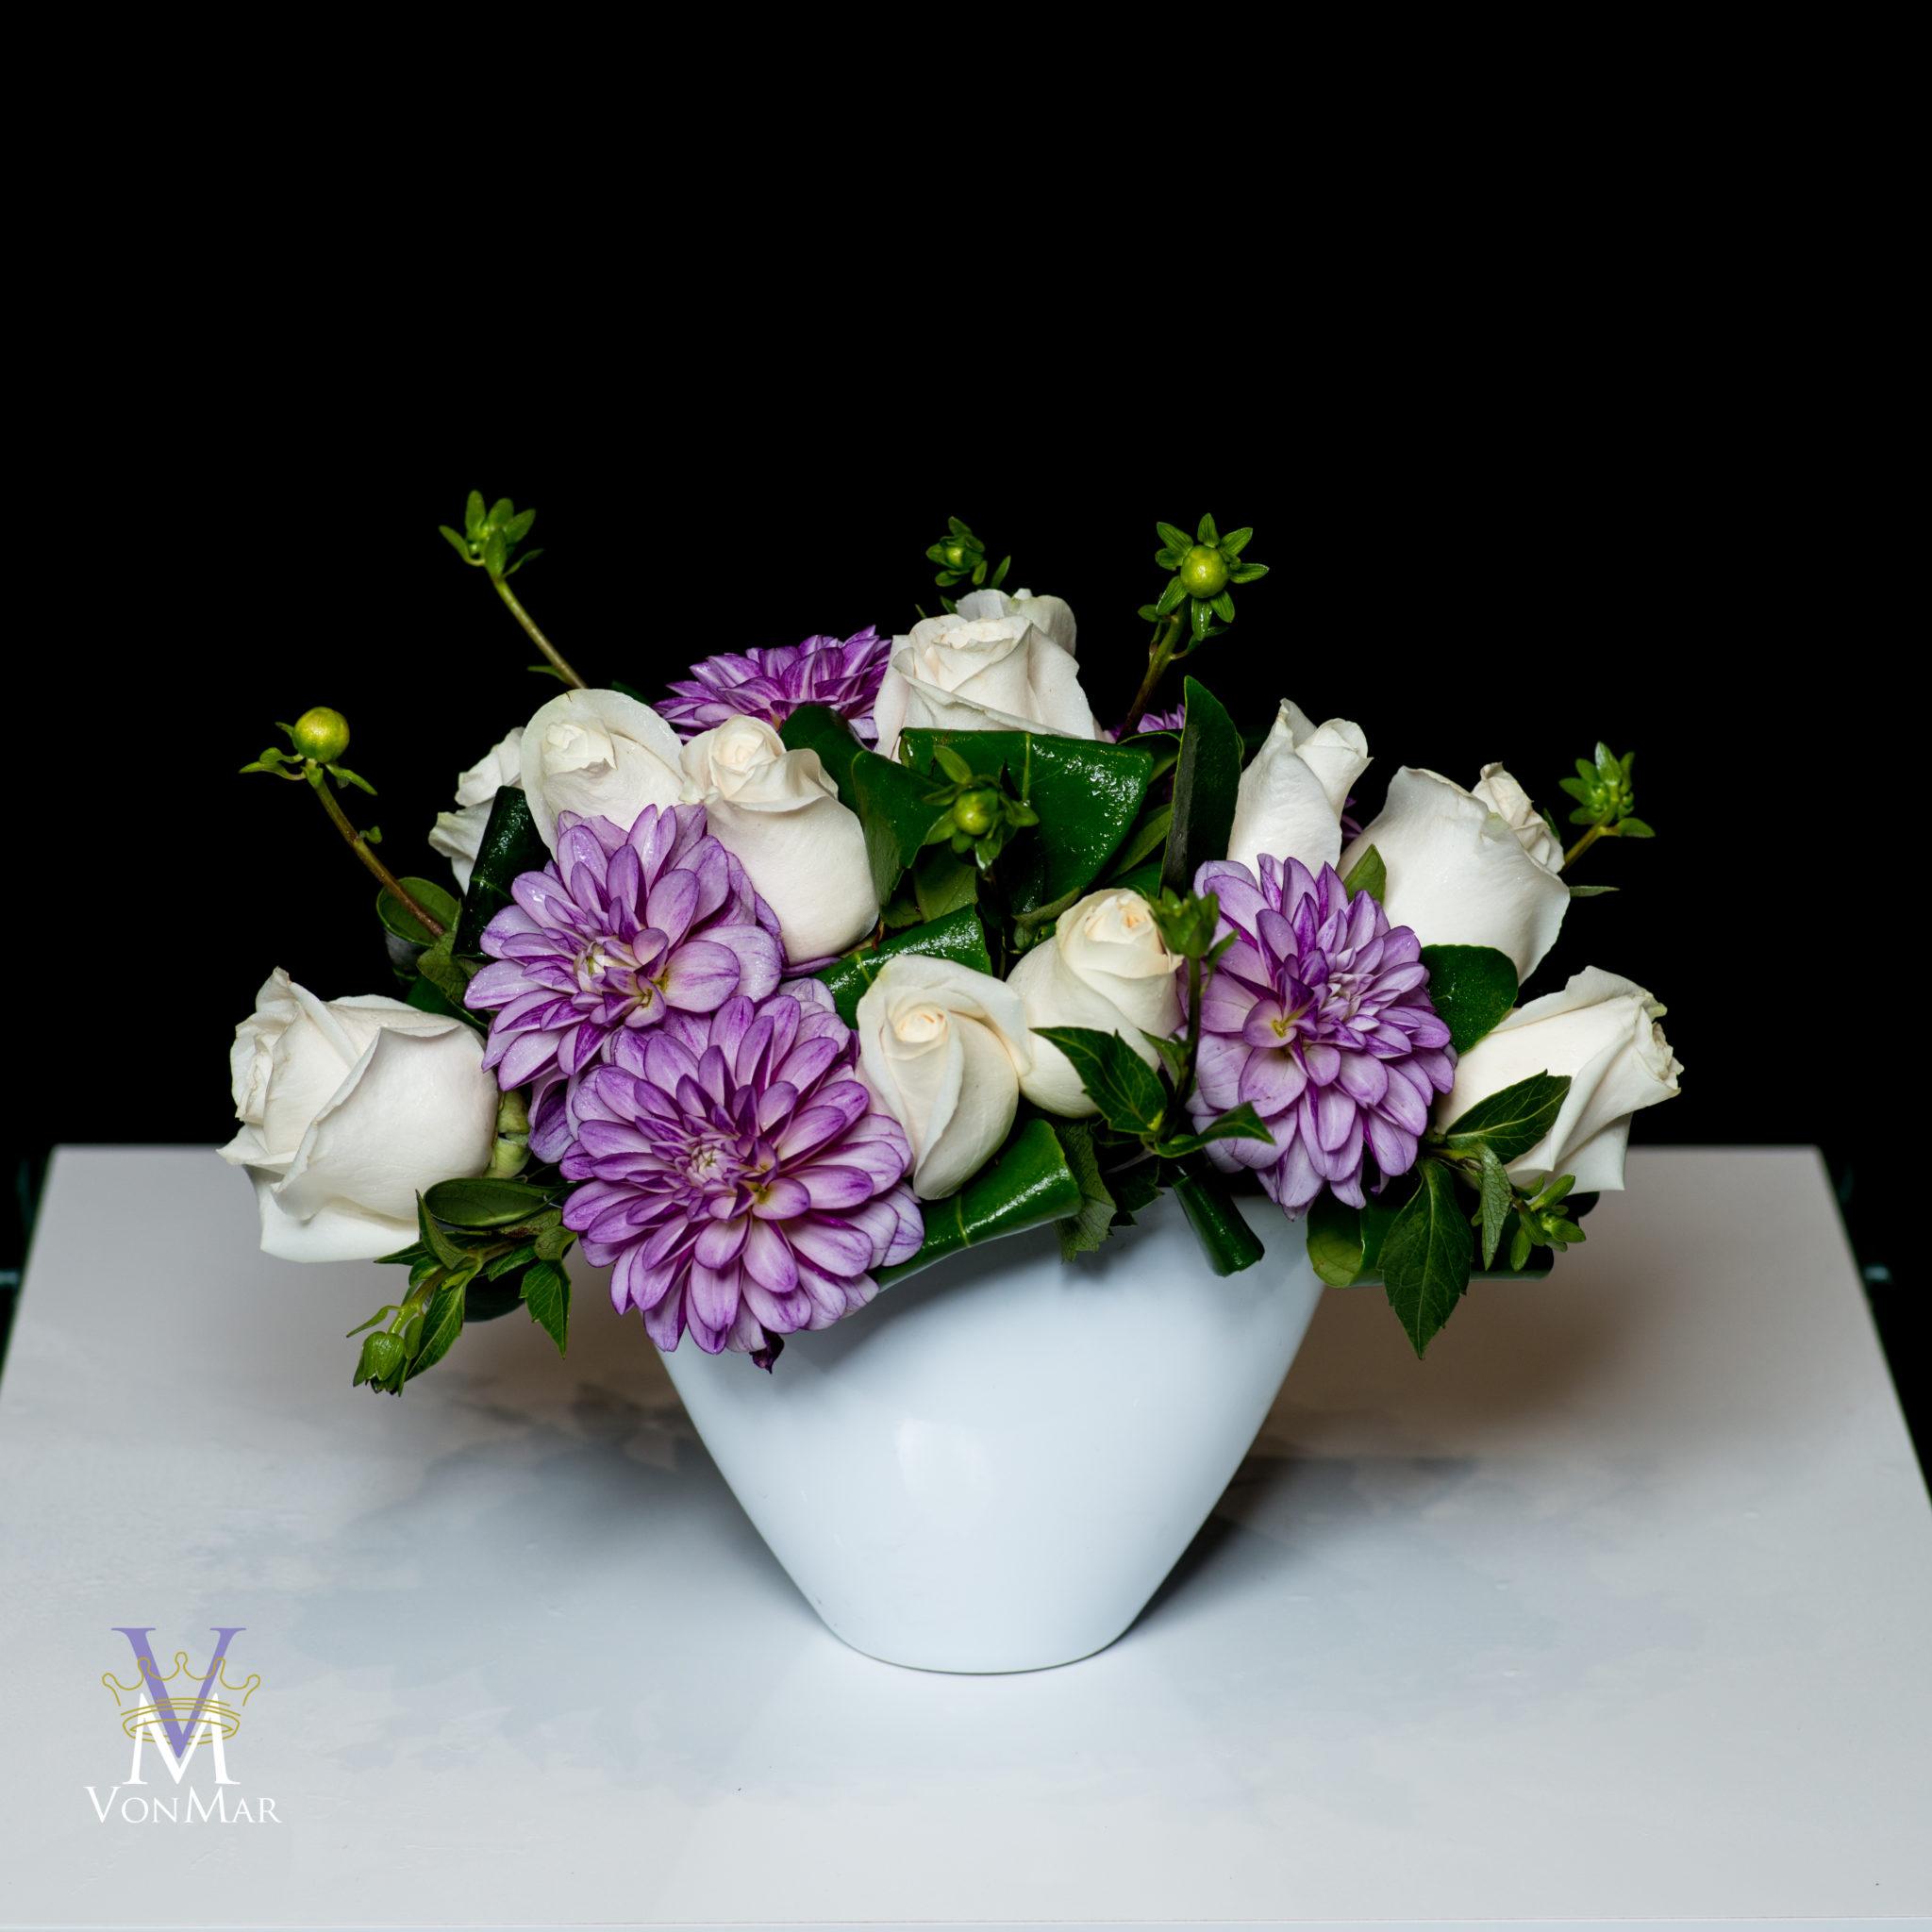 White Roses and Dahlias